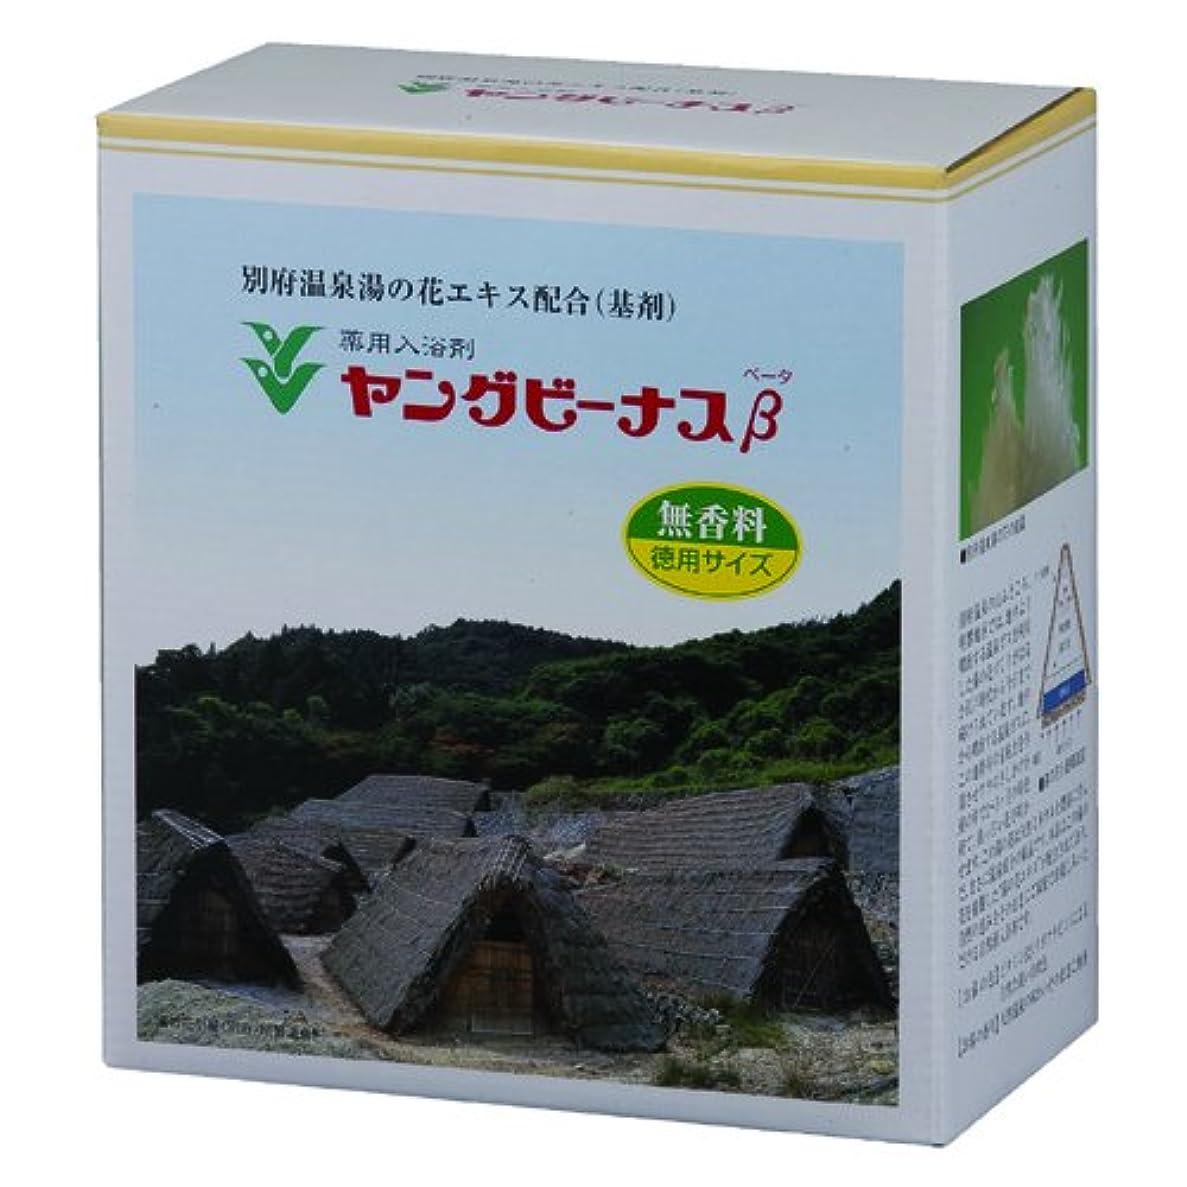 囲まれたエールピジン薬用入浴剤 ヤングビーナスβ 徳用サイズCX-30β